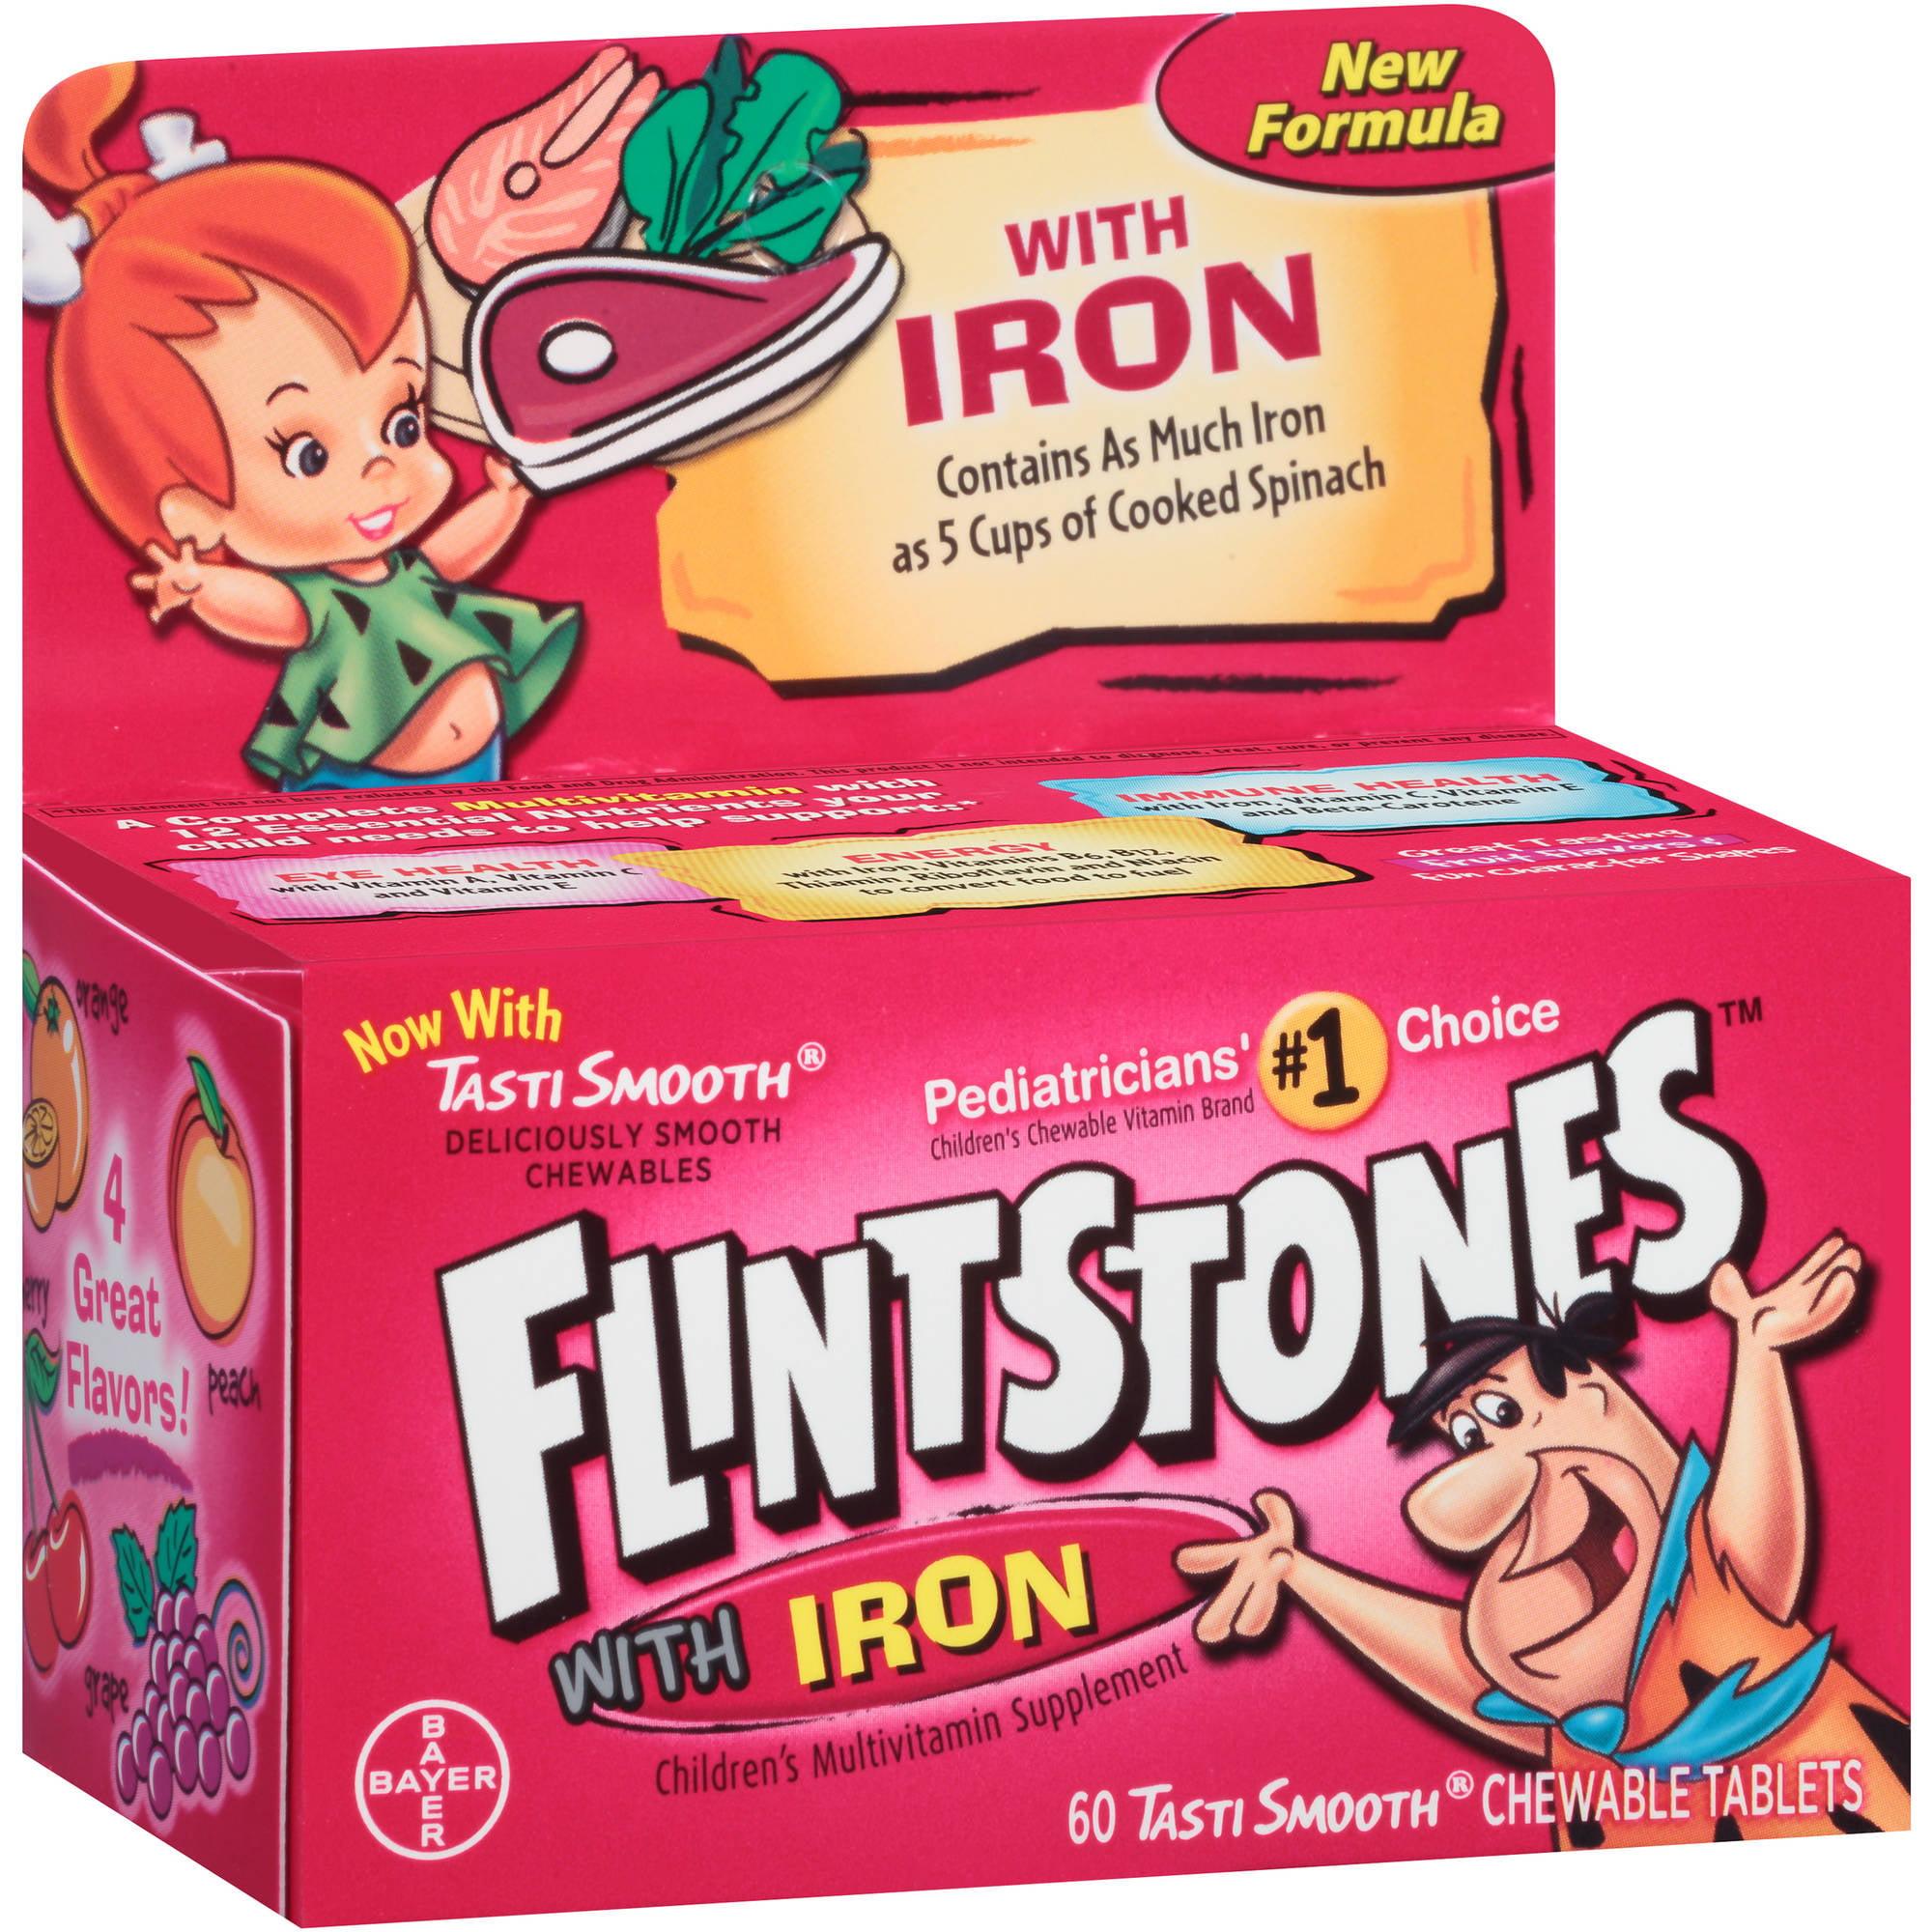 Flintstones with Iron Children's Multivitamin Supplement Chewable Tablets, 60 count